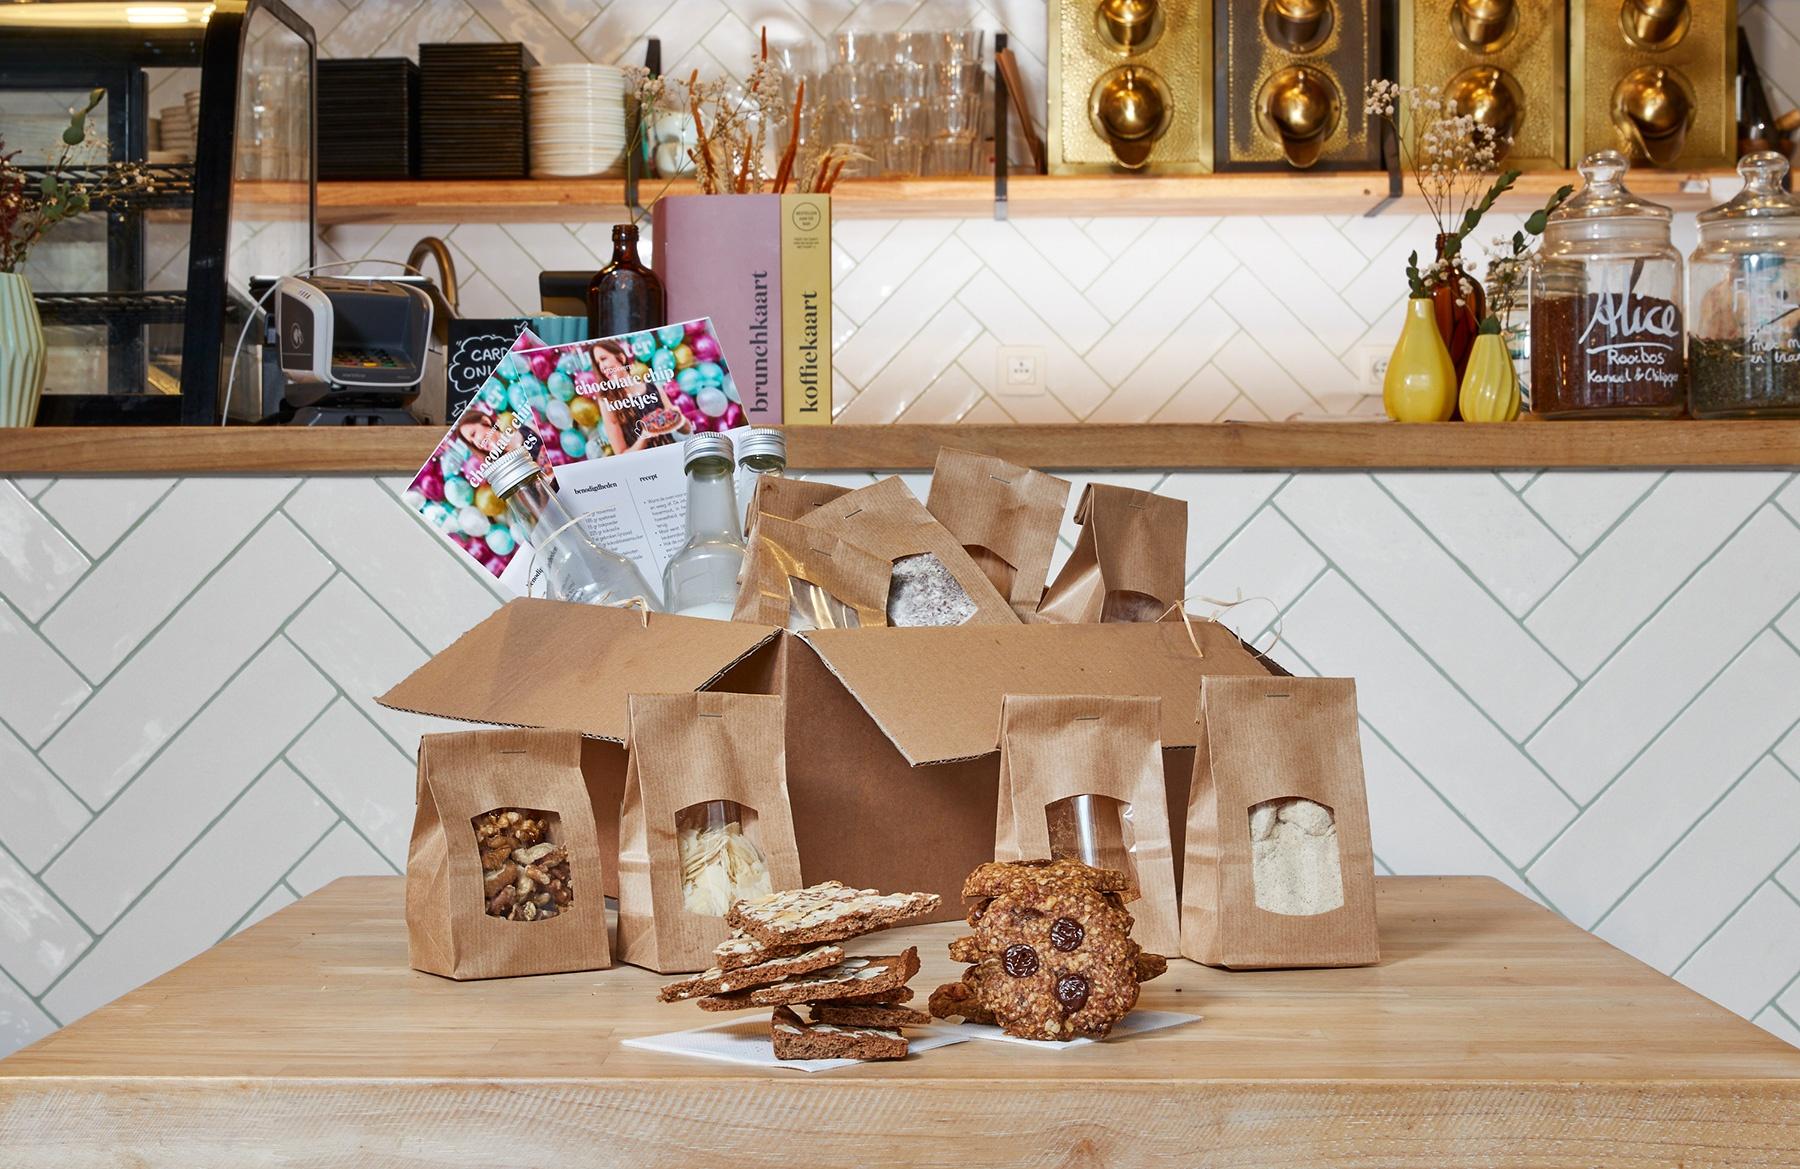 Bak-het-zelf koekjesbox ook BPost  - Toevallig wat tijd over Wees creatief en bak zelf 3 soorten guiltfree koekjesbr Recepten inbegrepen